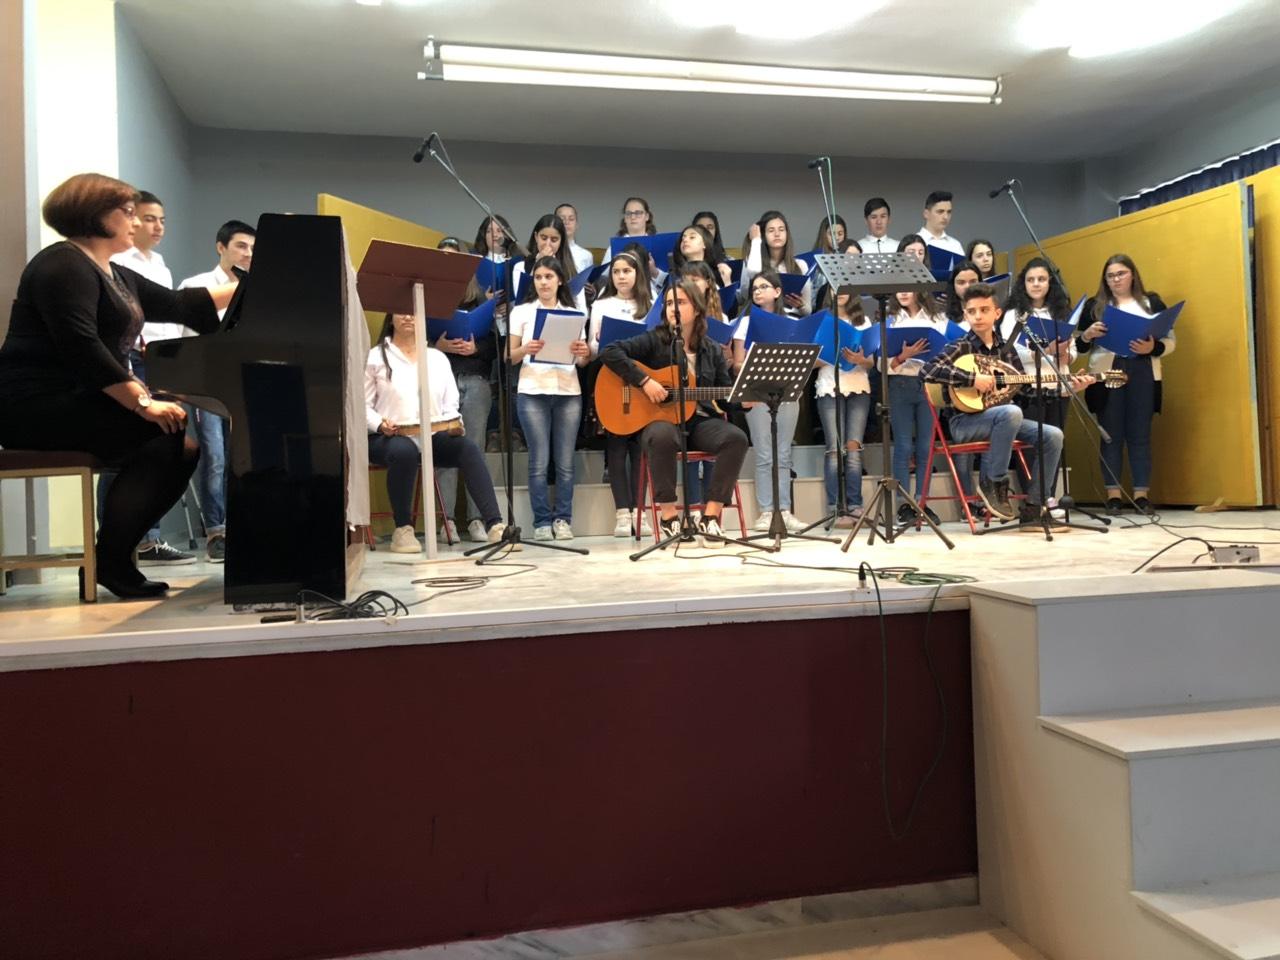 gymnasio ampelona 4 - Ο Σεβασμιώτατος επισκέφθηκε το Γυμνάσιο Αμπελώνα (φωτο)